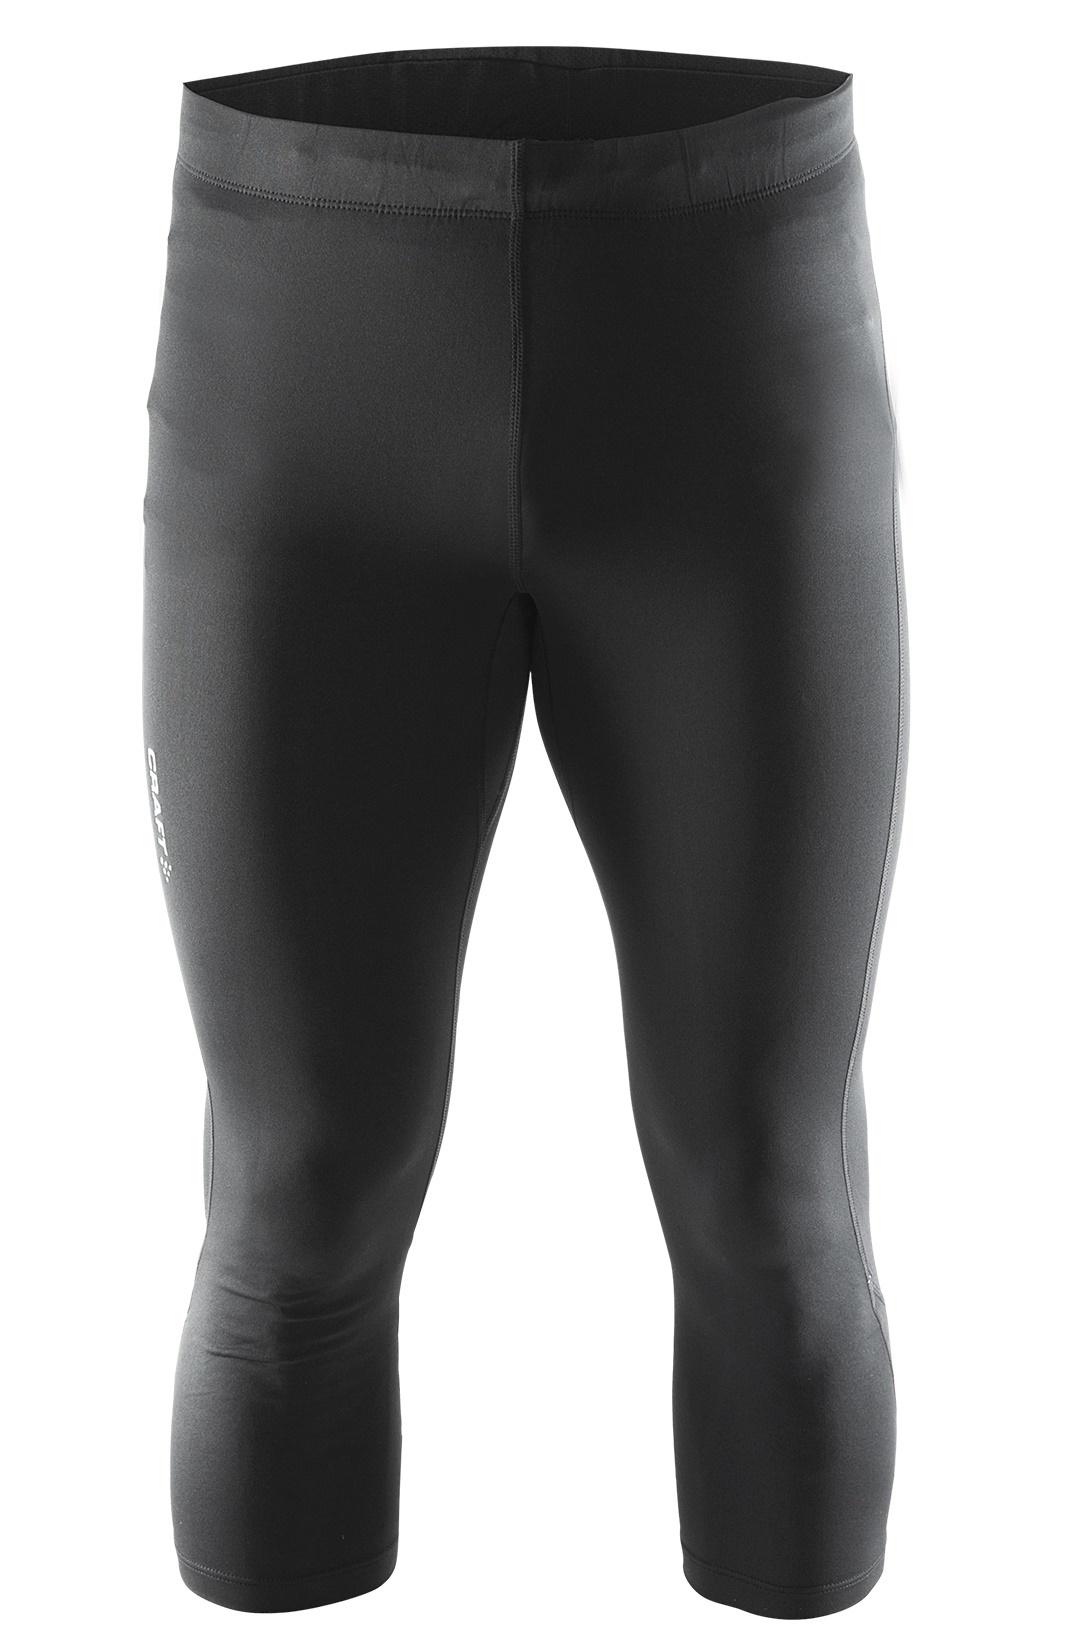 Мужские беговые капри Craft Aсtive 1902510-9999 черные